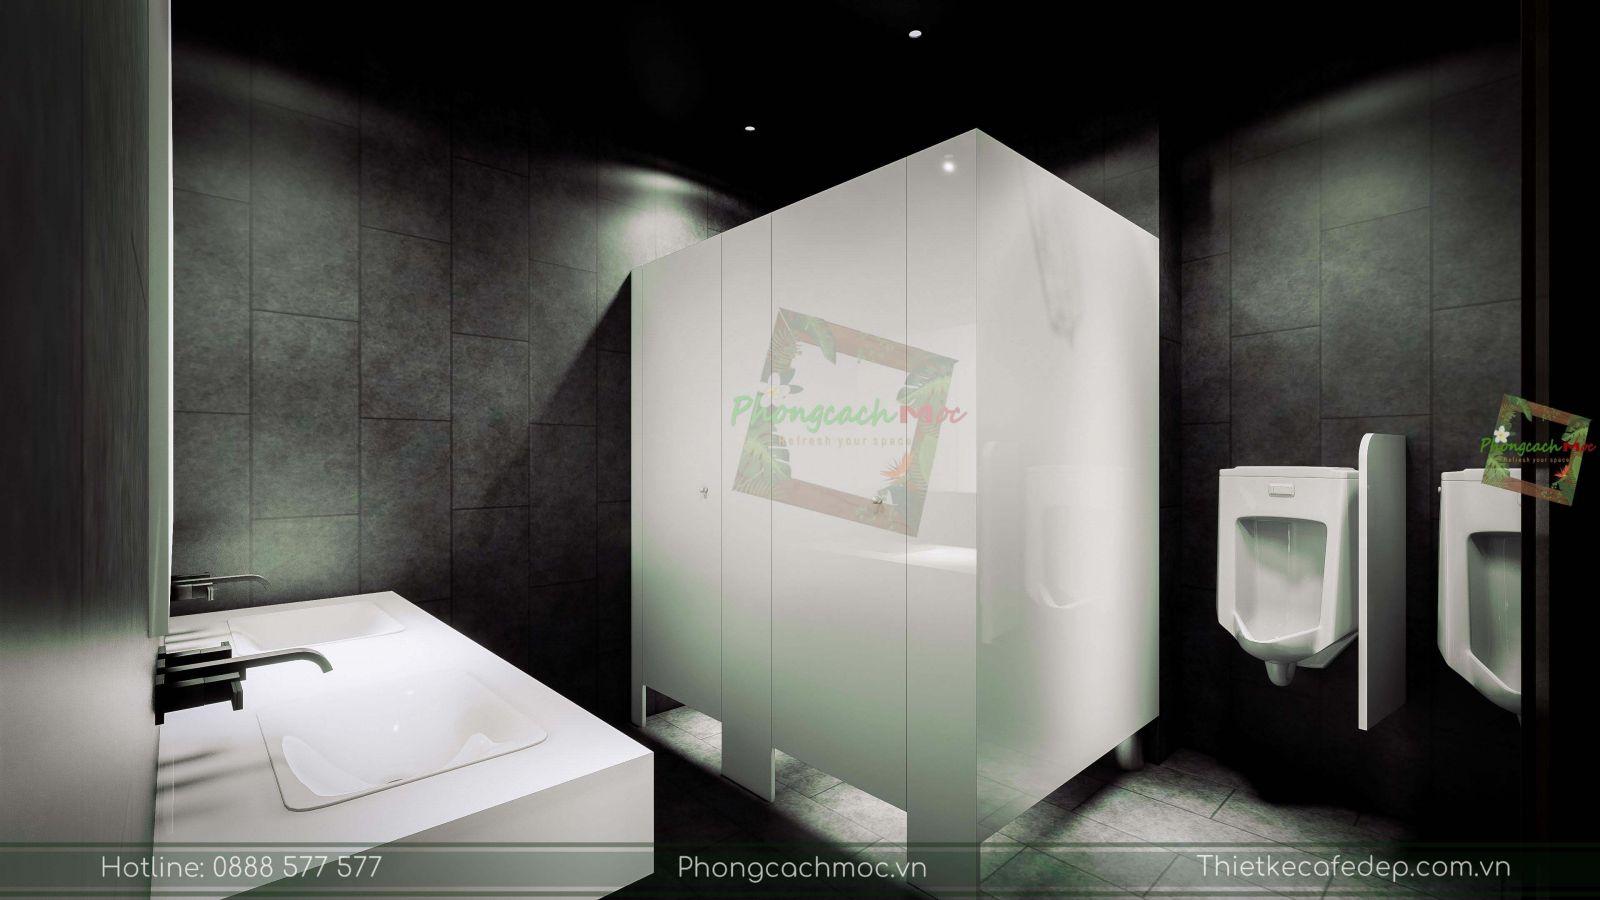 thiết kế nhà hàng trung hoa - không gian nhà vệ sinh - 2